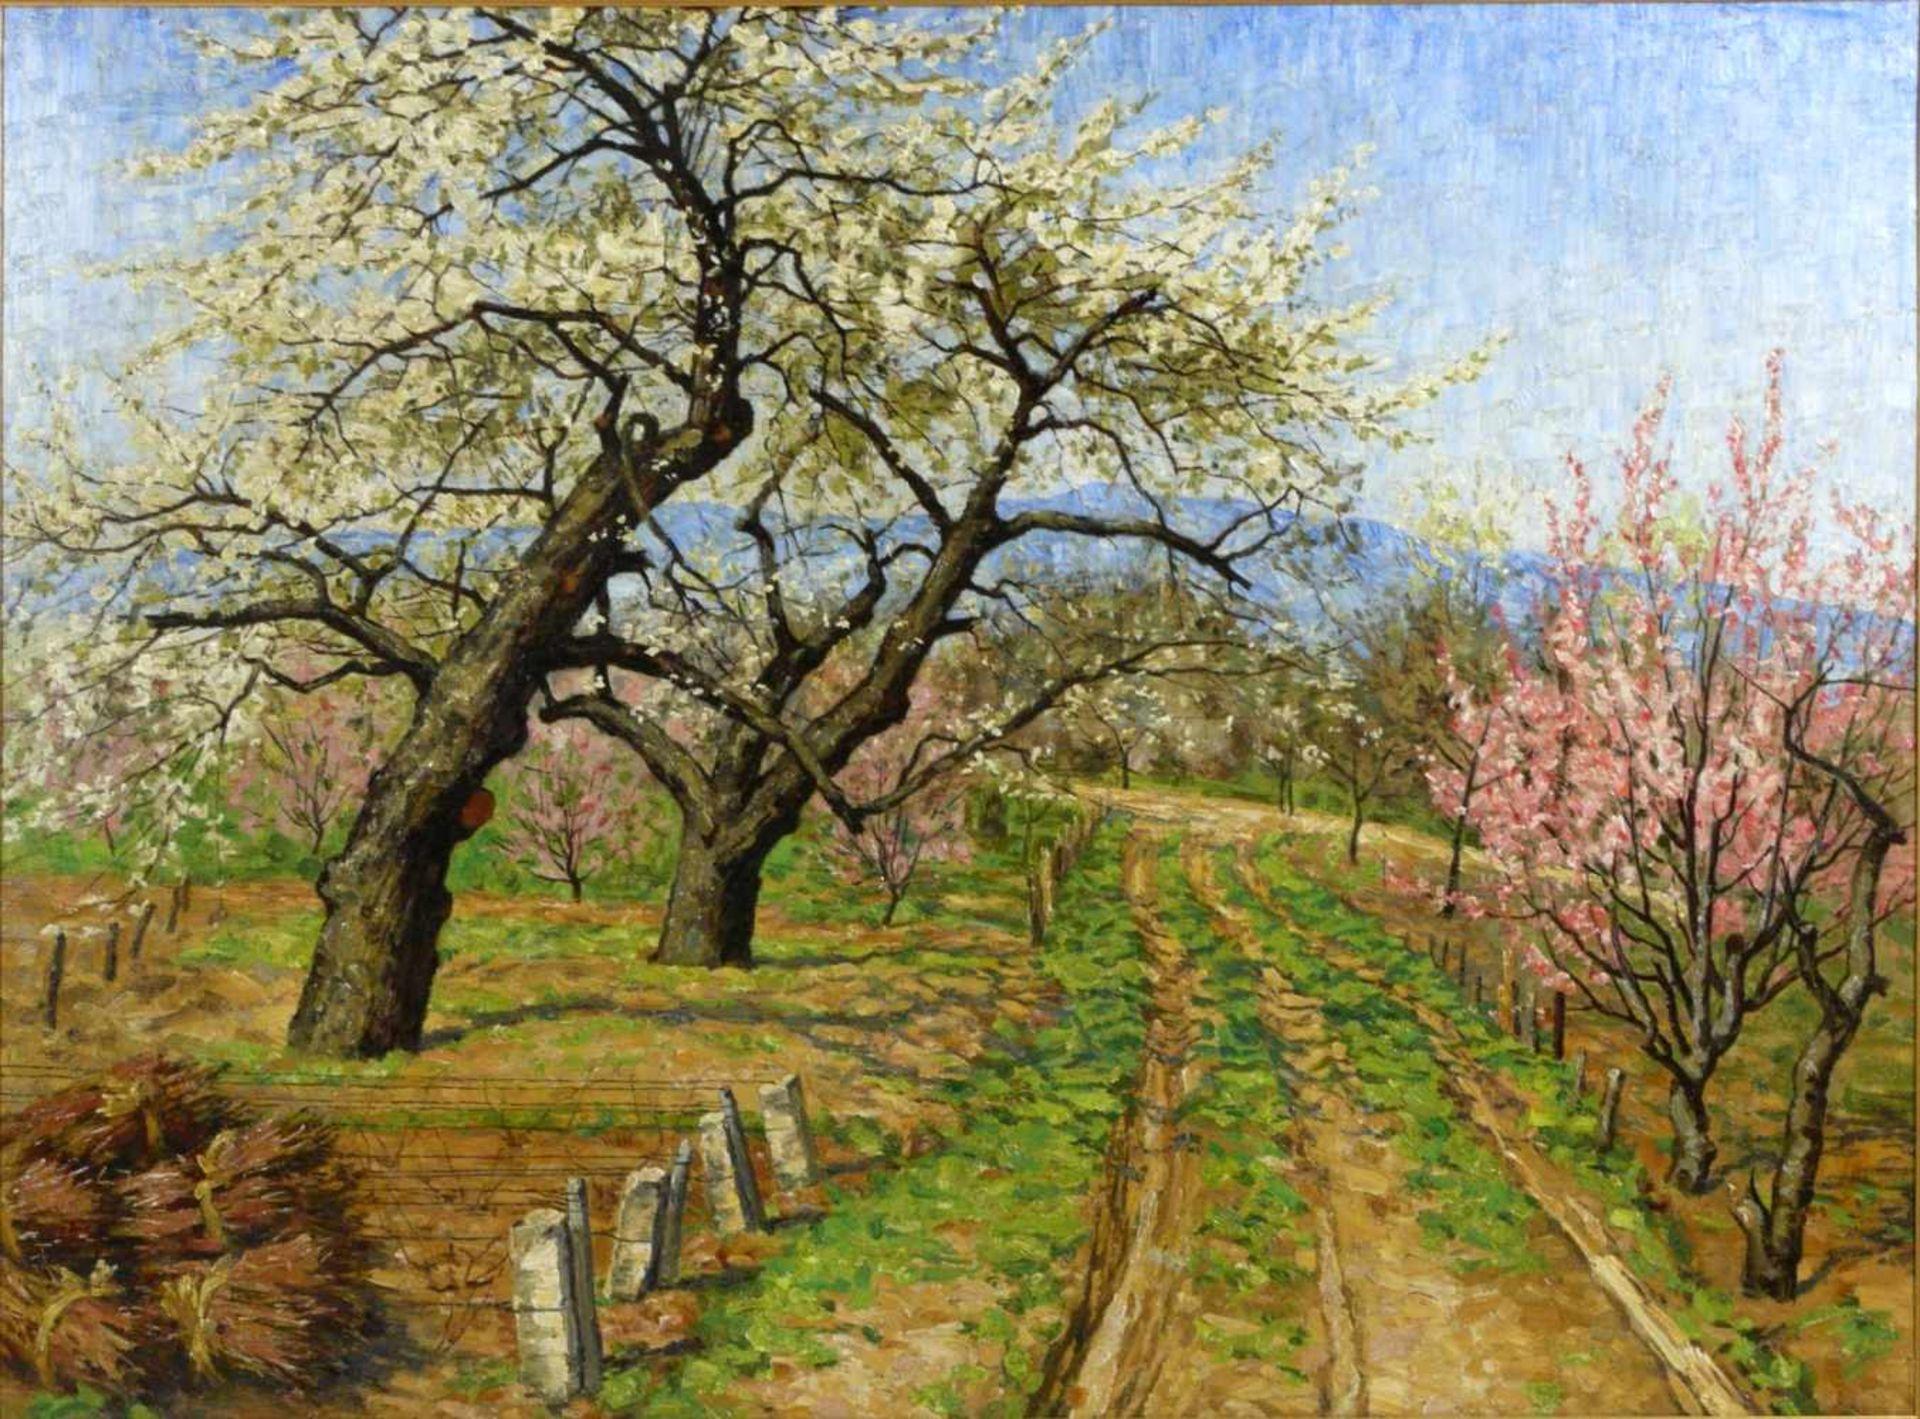 Koch, Michel (1853-1927) - Blühende FrühlingslandschaftFriedvolle Darstellung eines von blühenden - Bild 2 aus 6